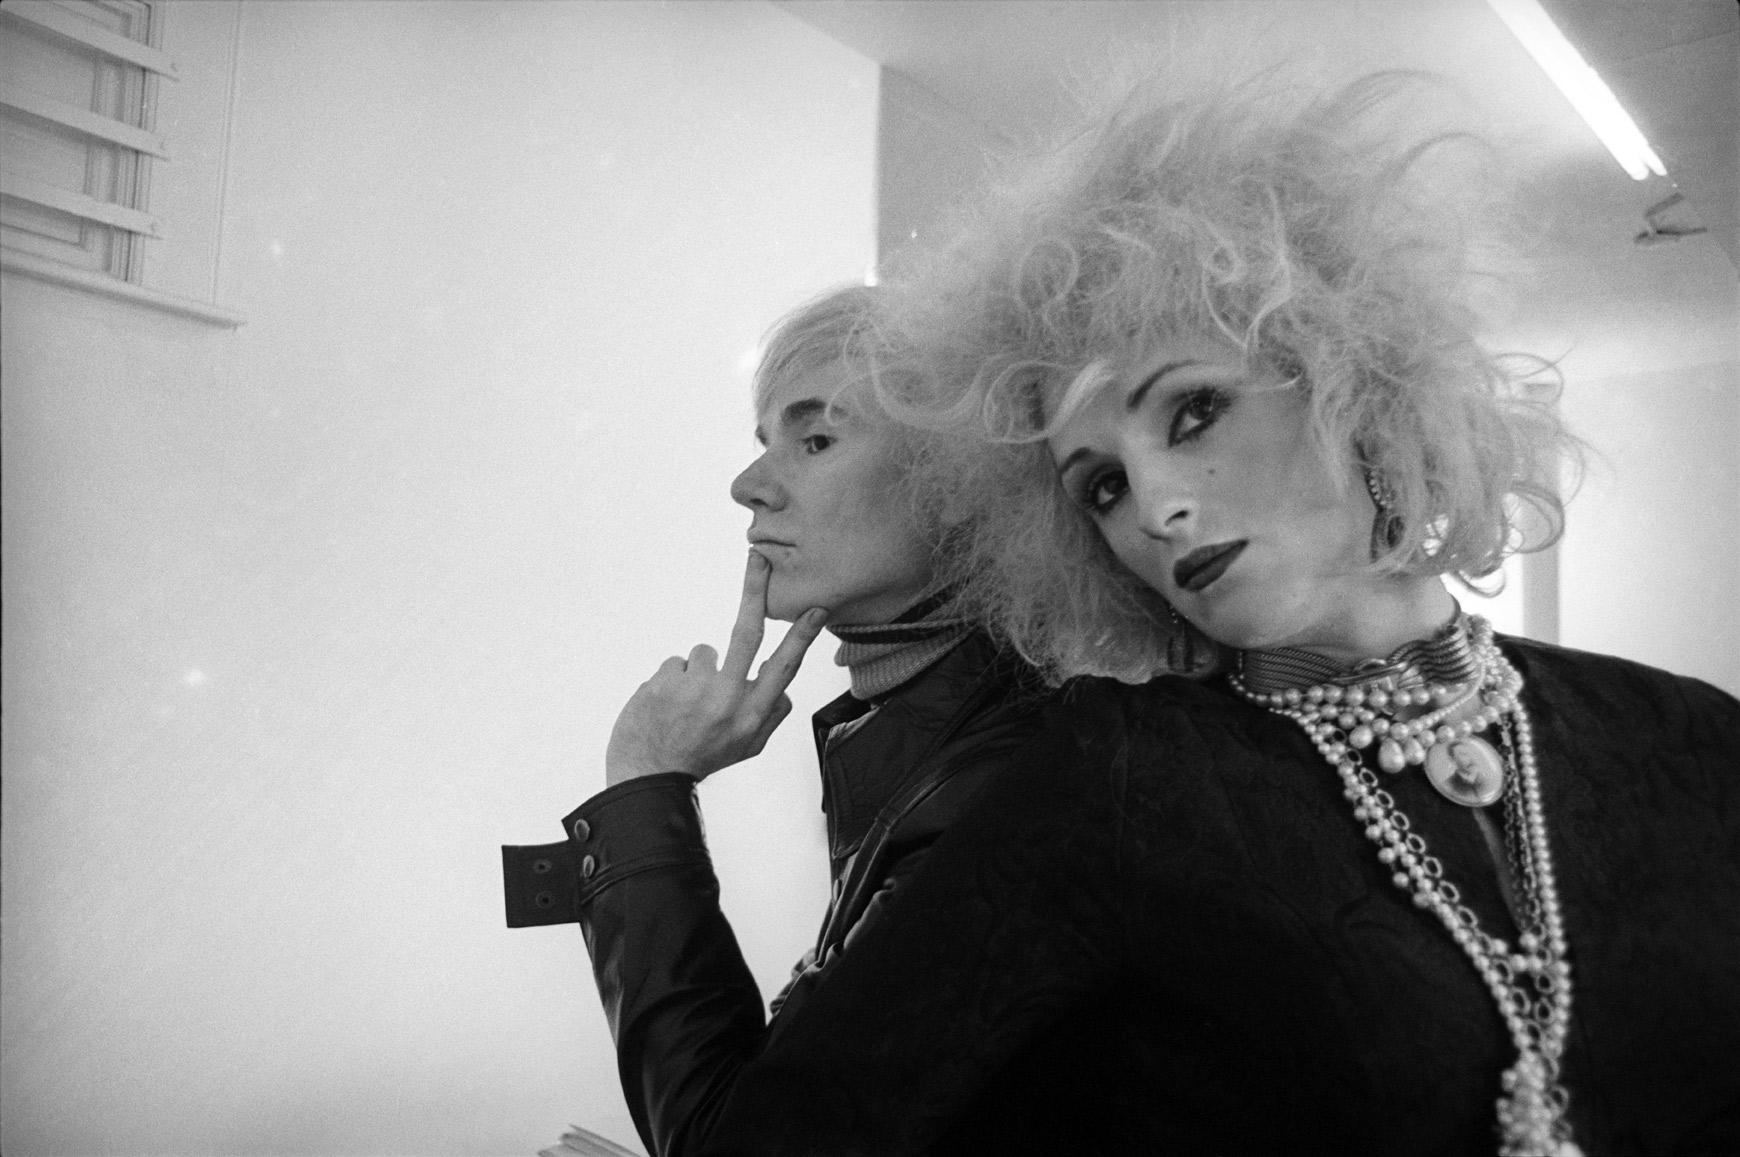 Fotografía en blanco y negro de Andy Warhol y Candy Darling